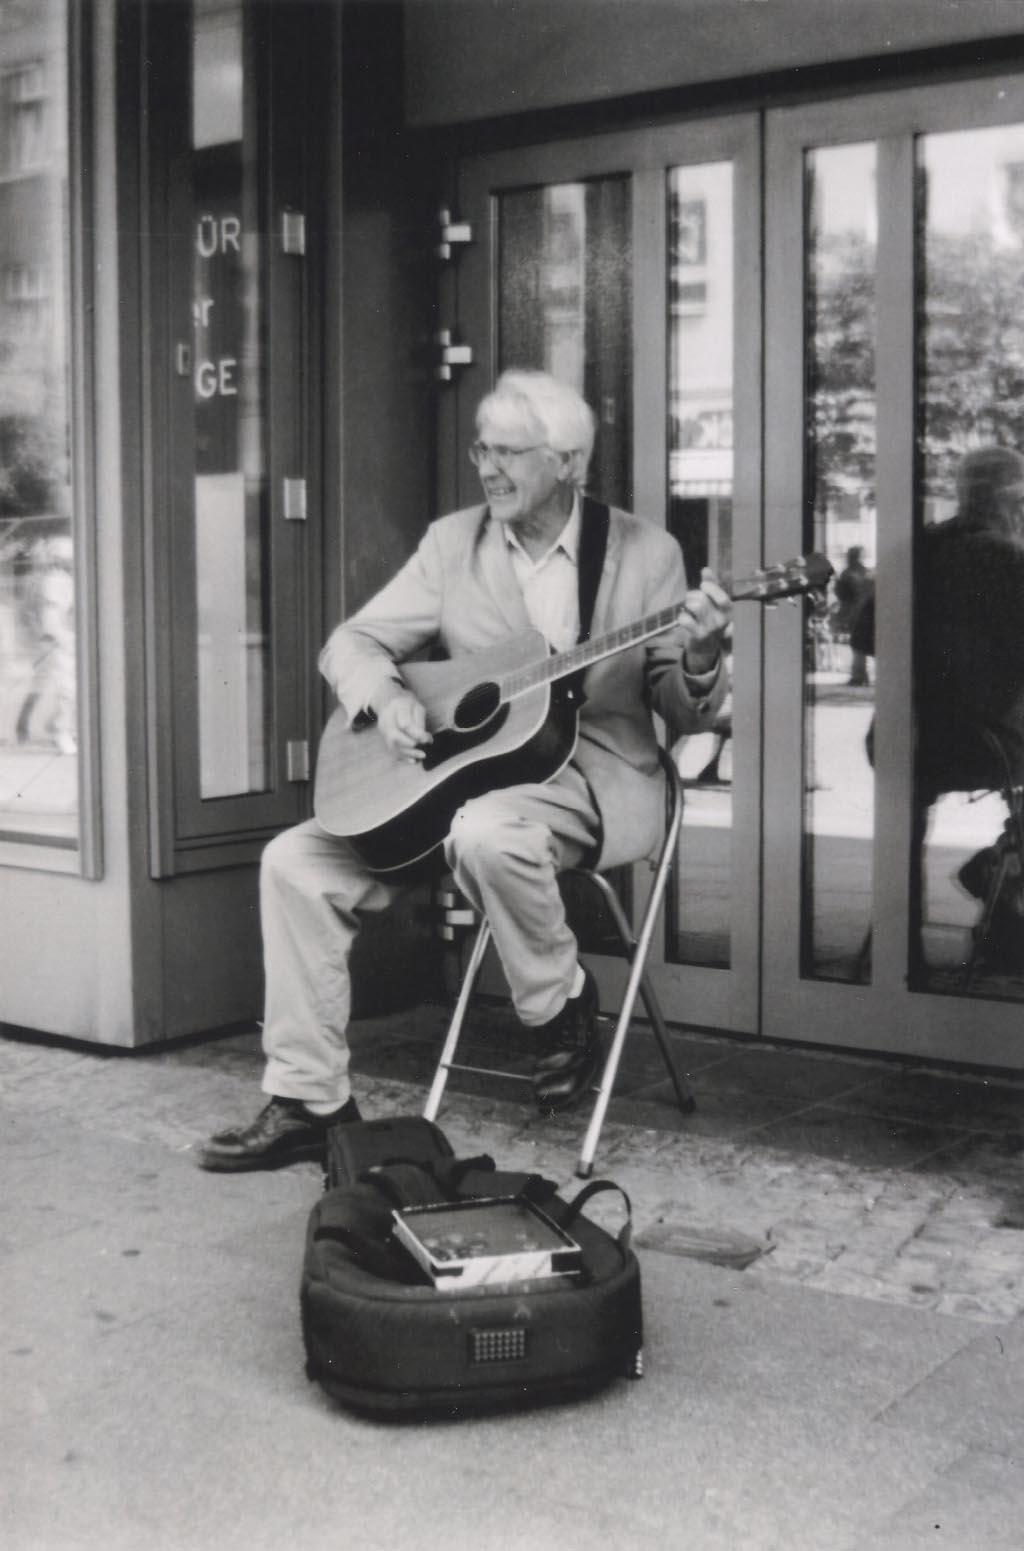 Straßenmusiker in der Altstadt Spandau